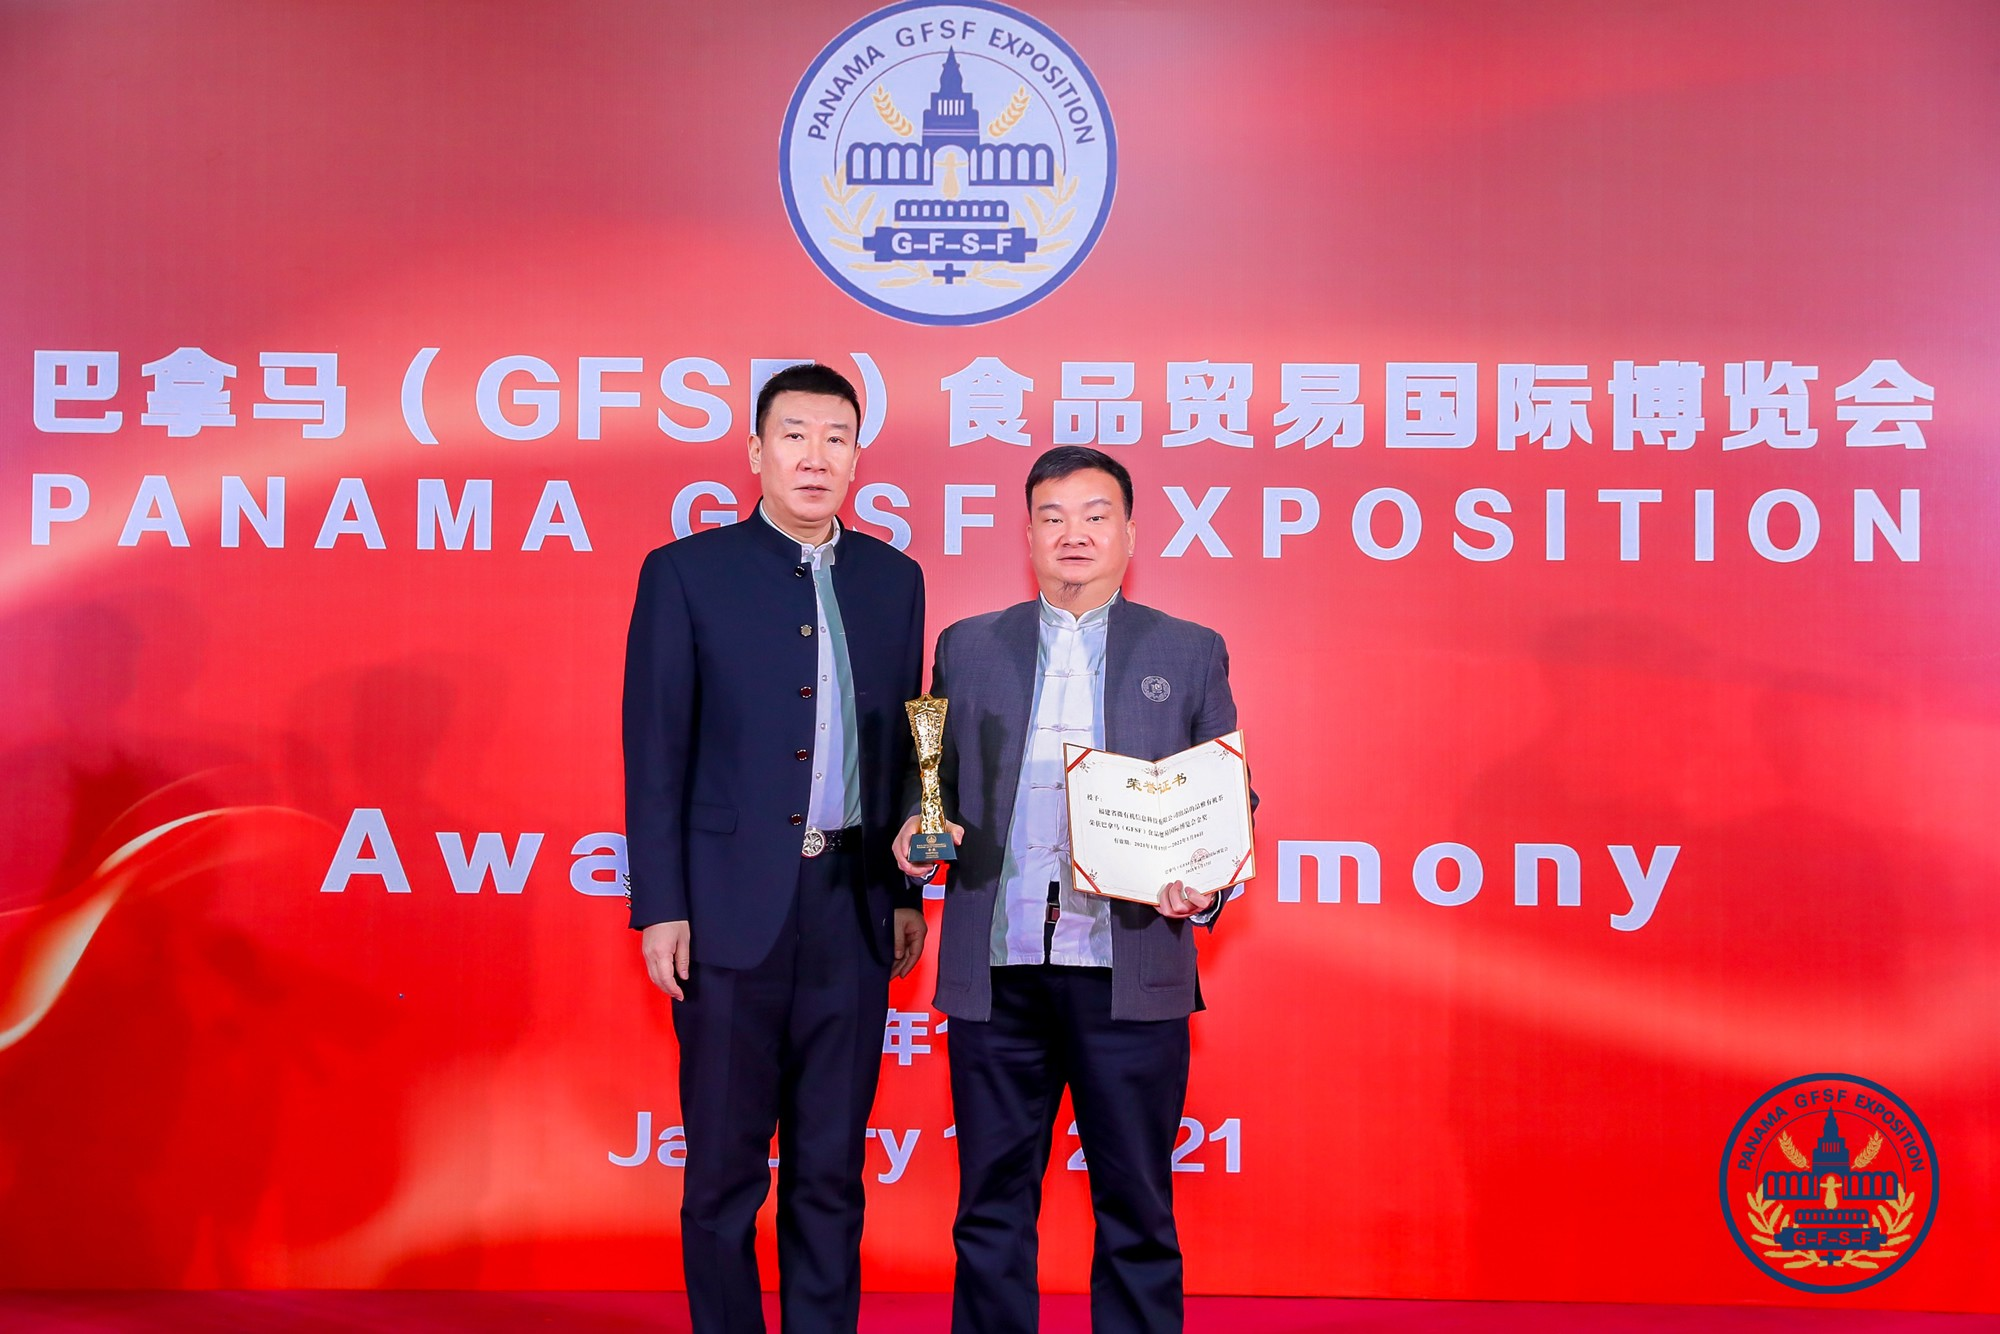 品雅有机茶喜获国际金奖,跻身世界高端品牌之列